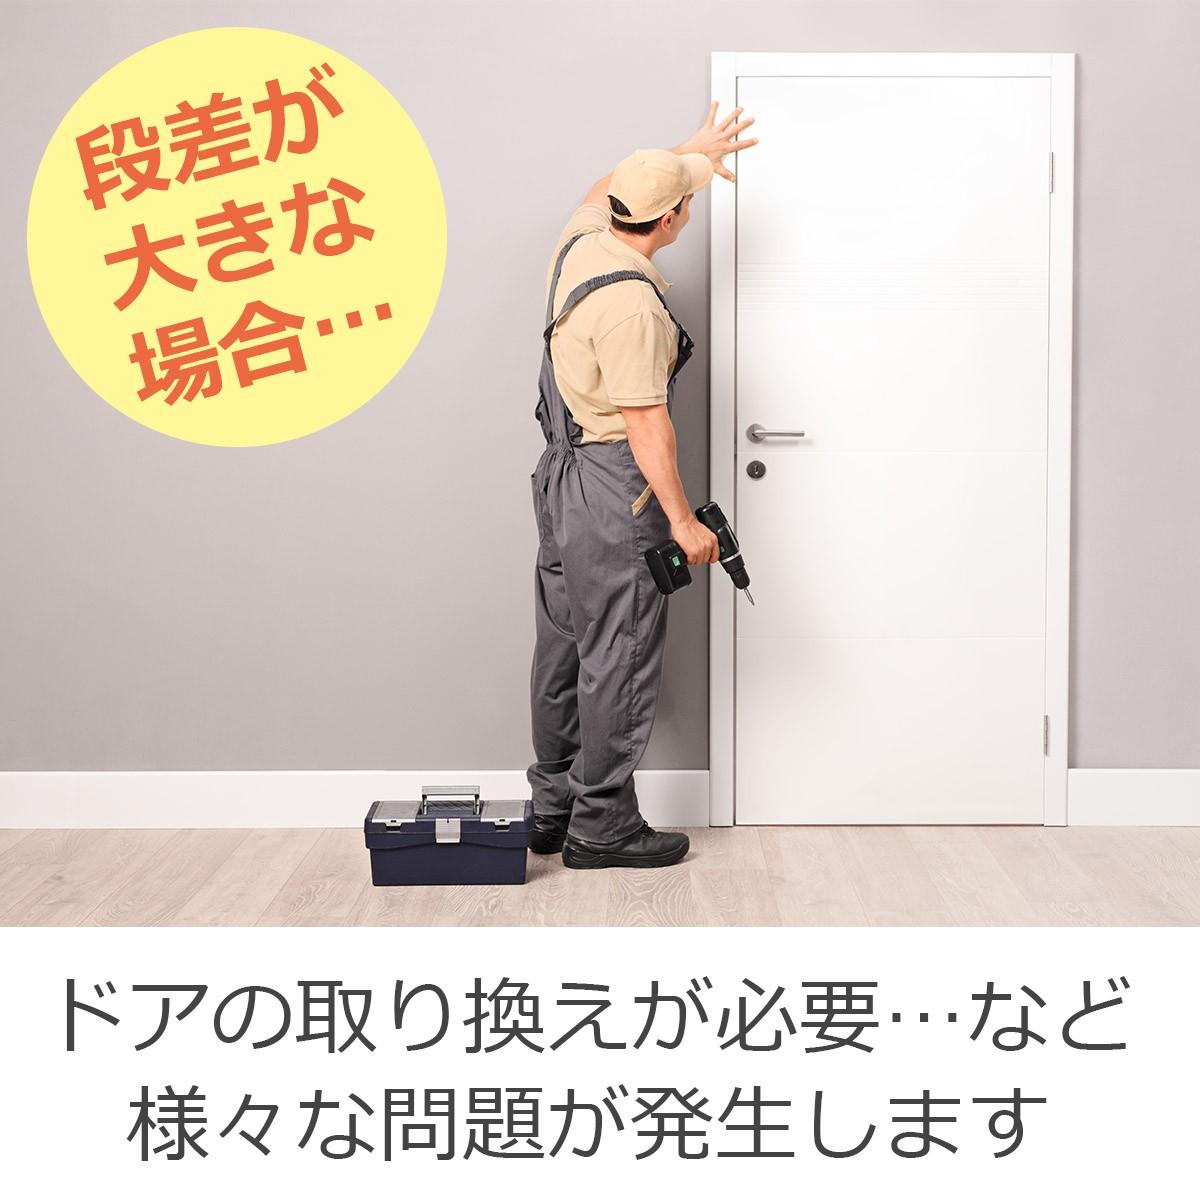 段差が大きな場合 ドアの取り換えが必要…など様々な問題が発生します